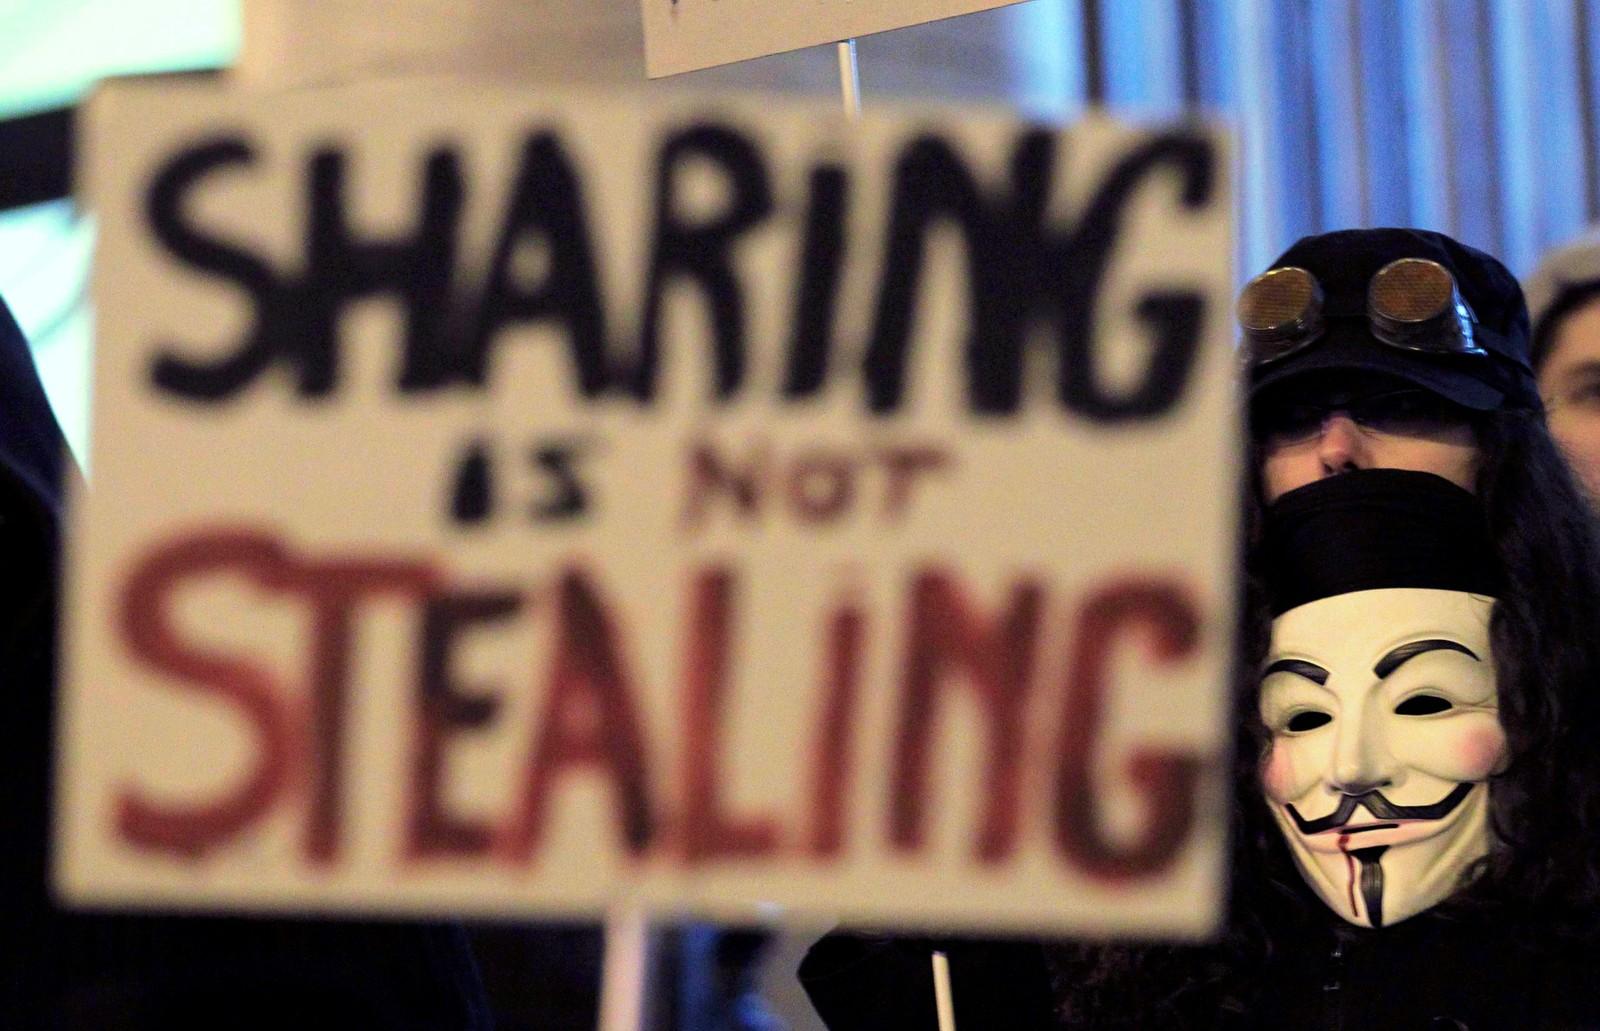 Et medlem av aktivistgruppen 'Anonymous' under en demonstrasjon i Brussel.